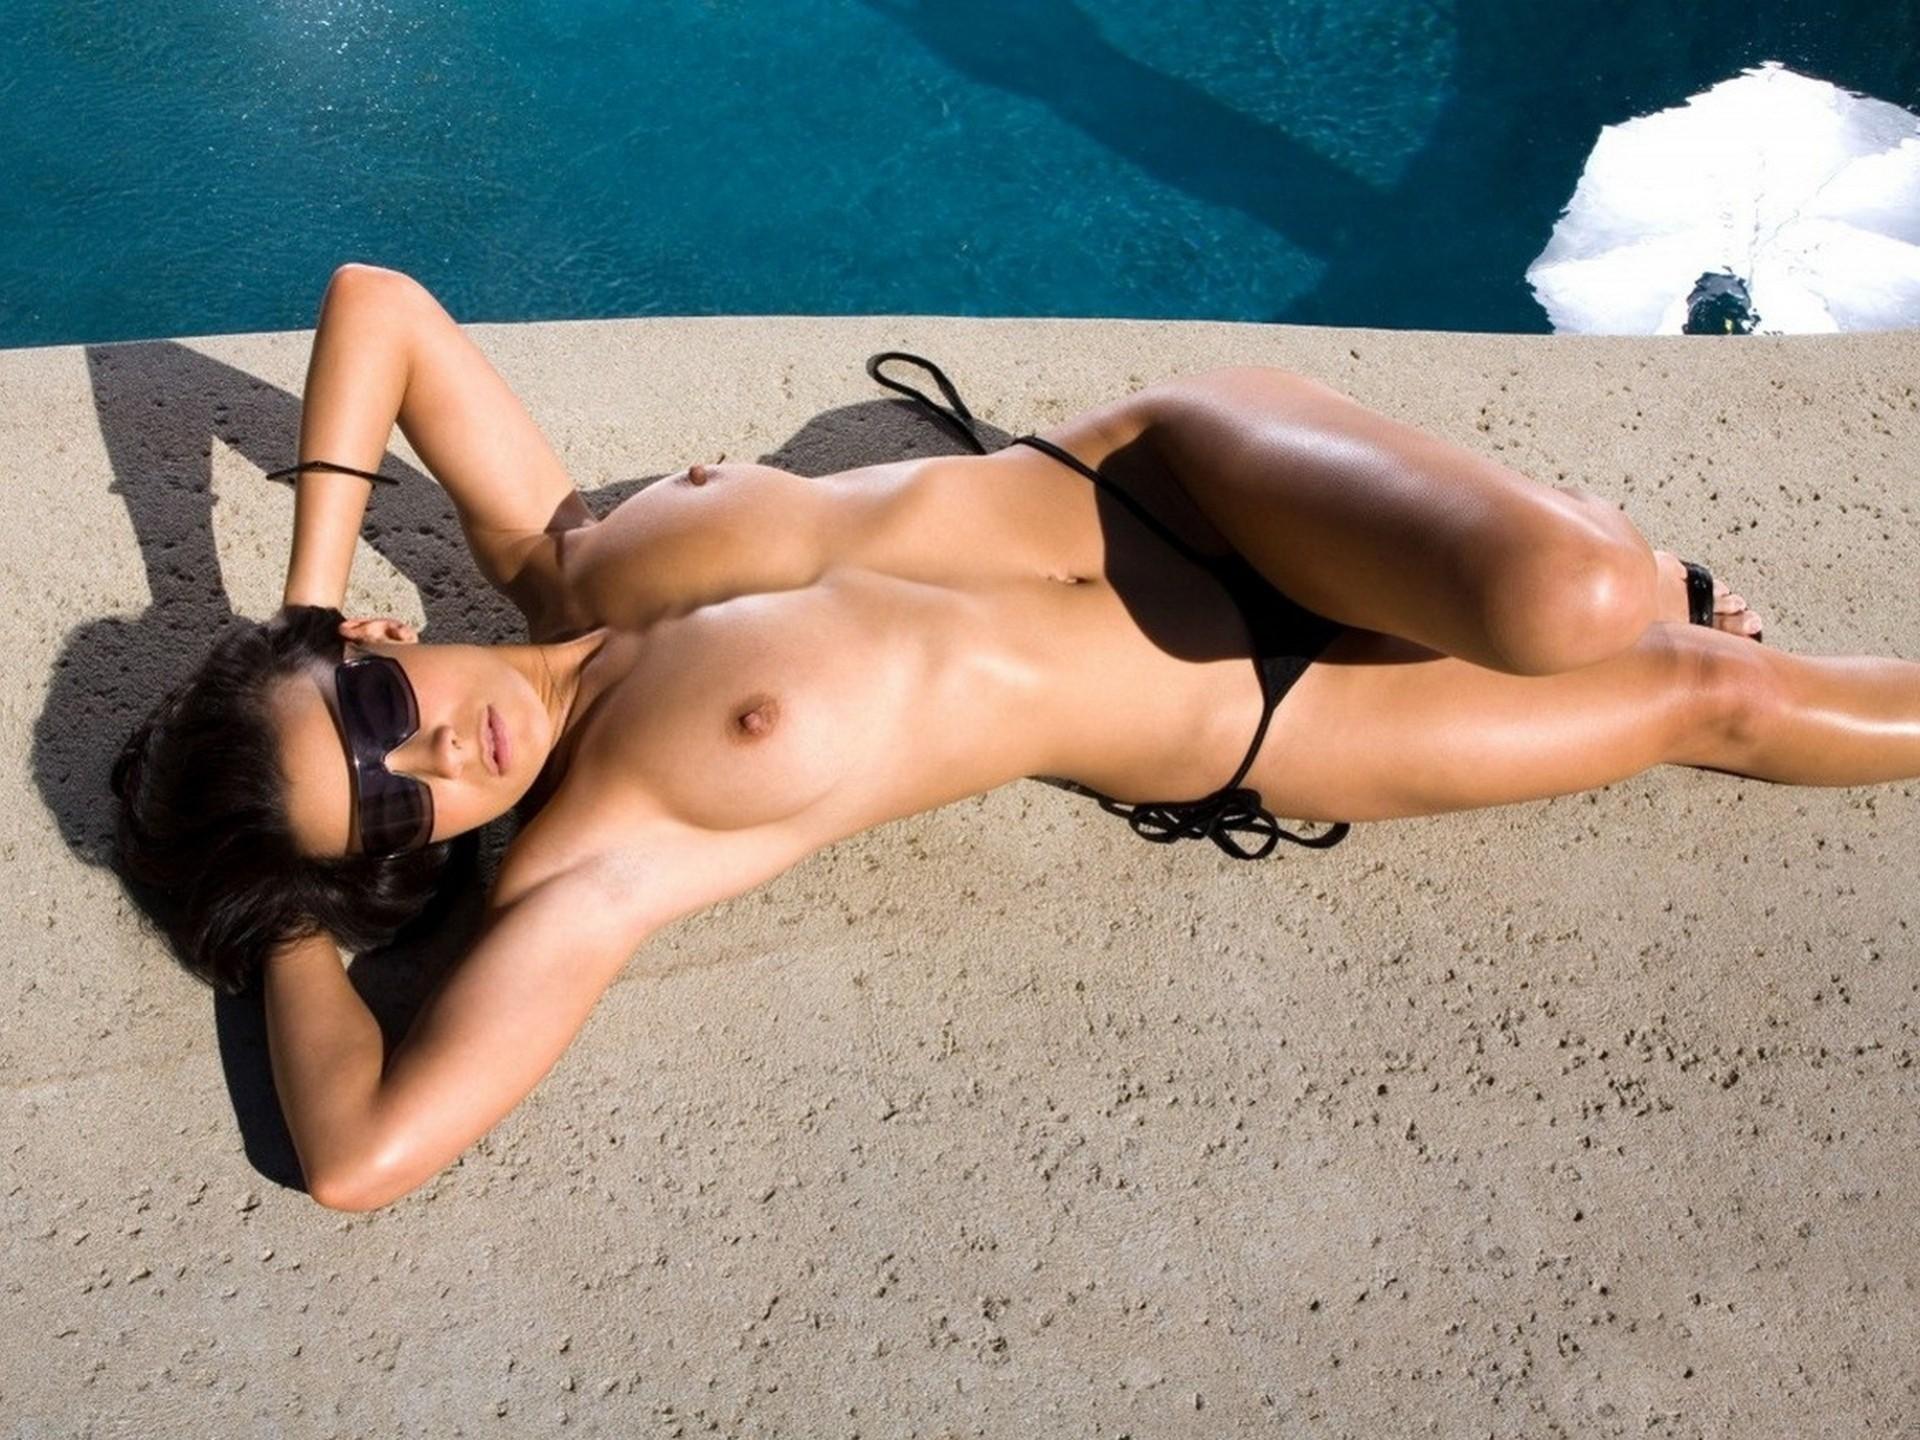 Волосатые порно с самыми сексуальными девушками в солнечных очках купается душе